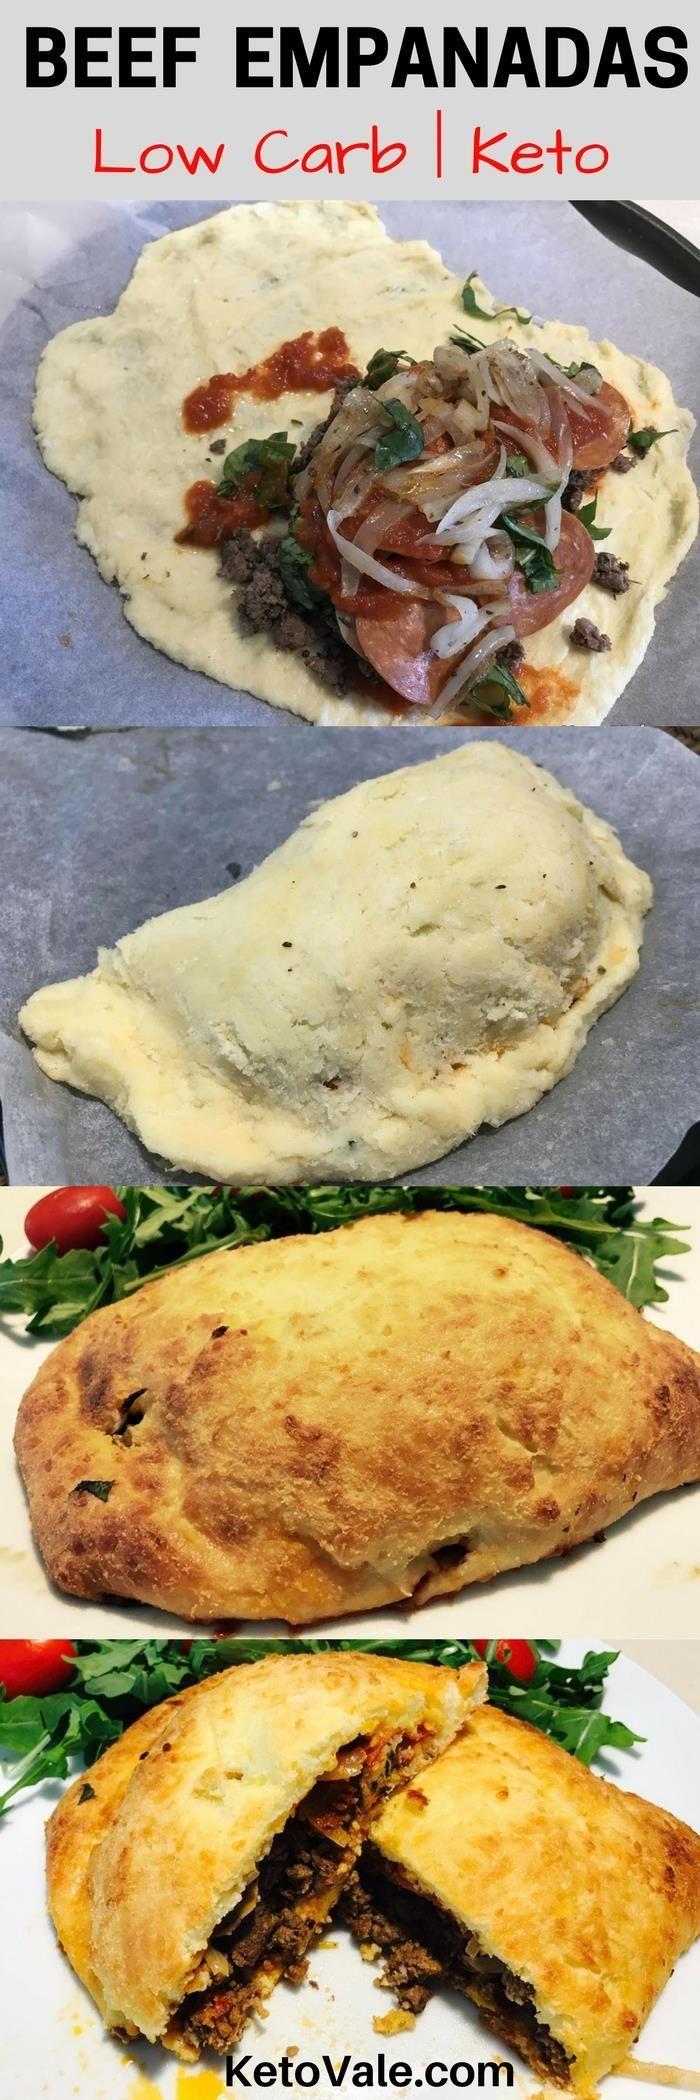 Low Carb Keto Beef Empanadas